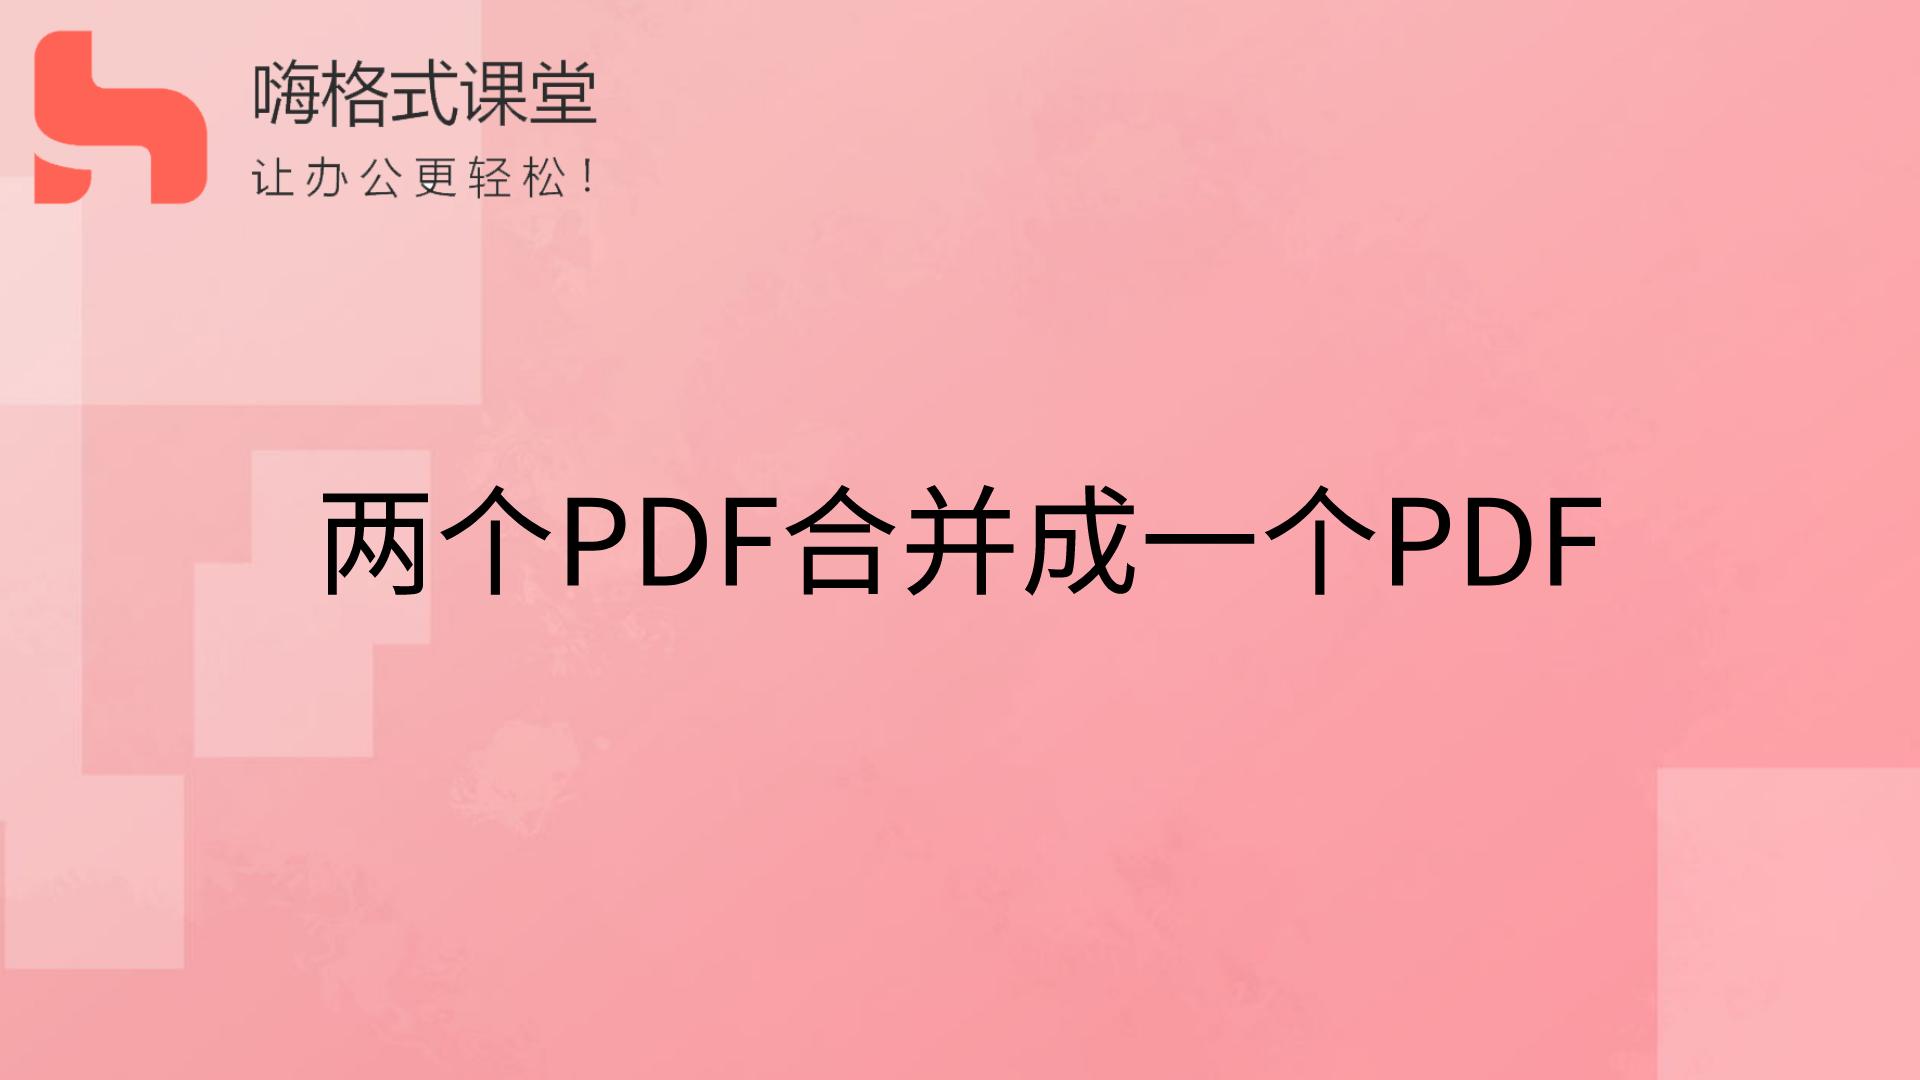 两个PDF合并成一个PDF